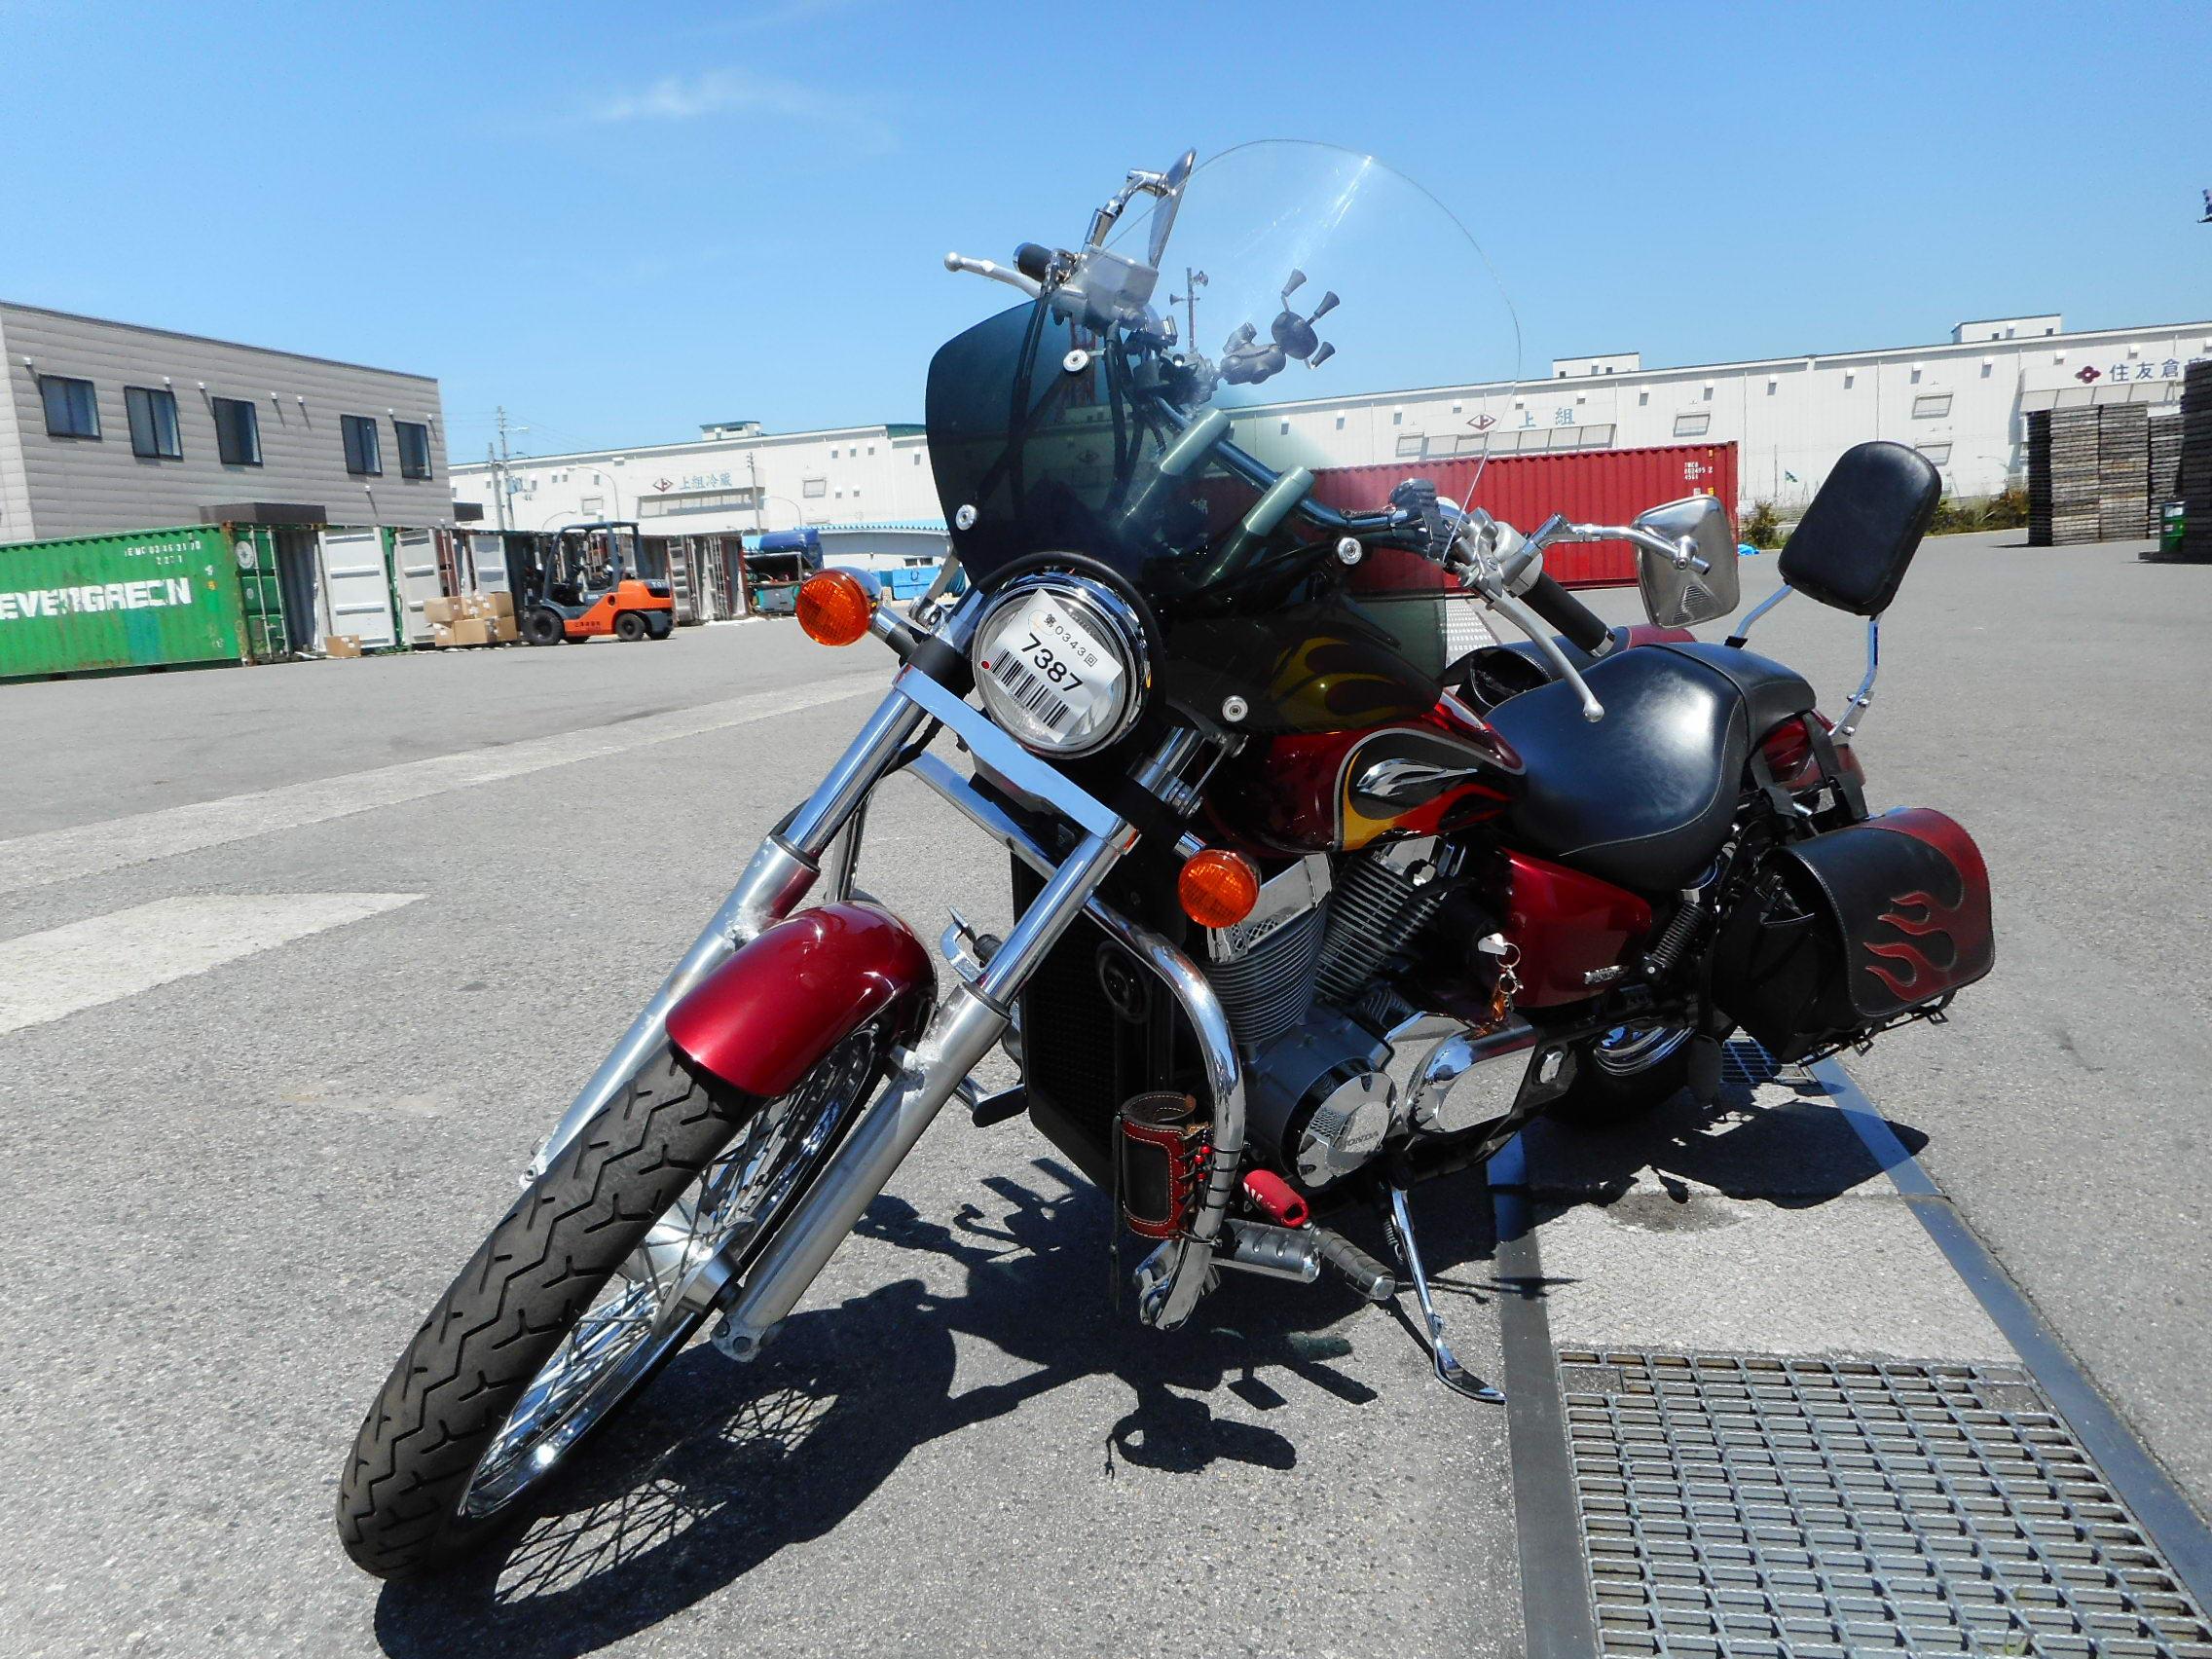 Honda Shadow 400 (VT400)